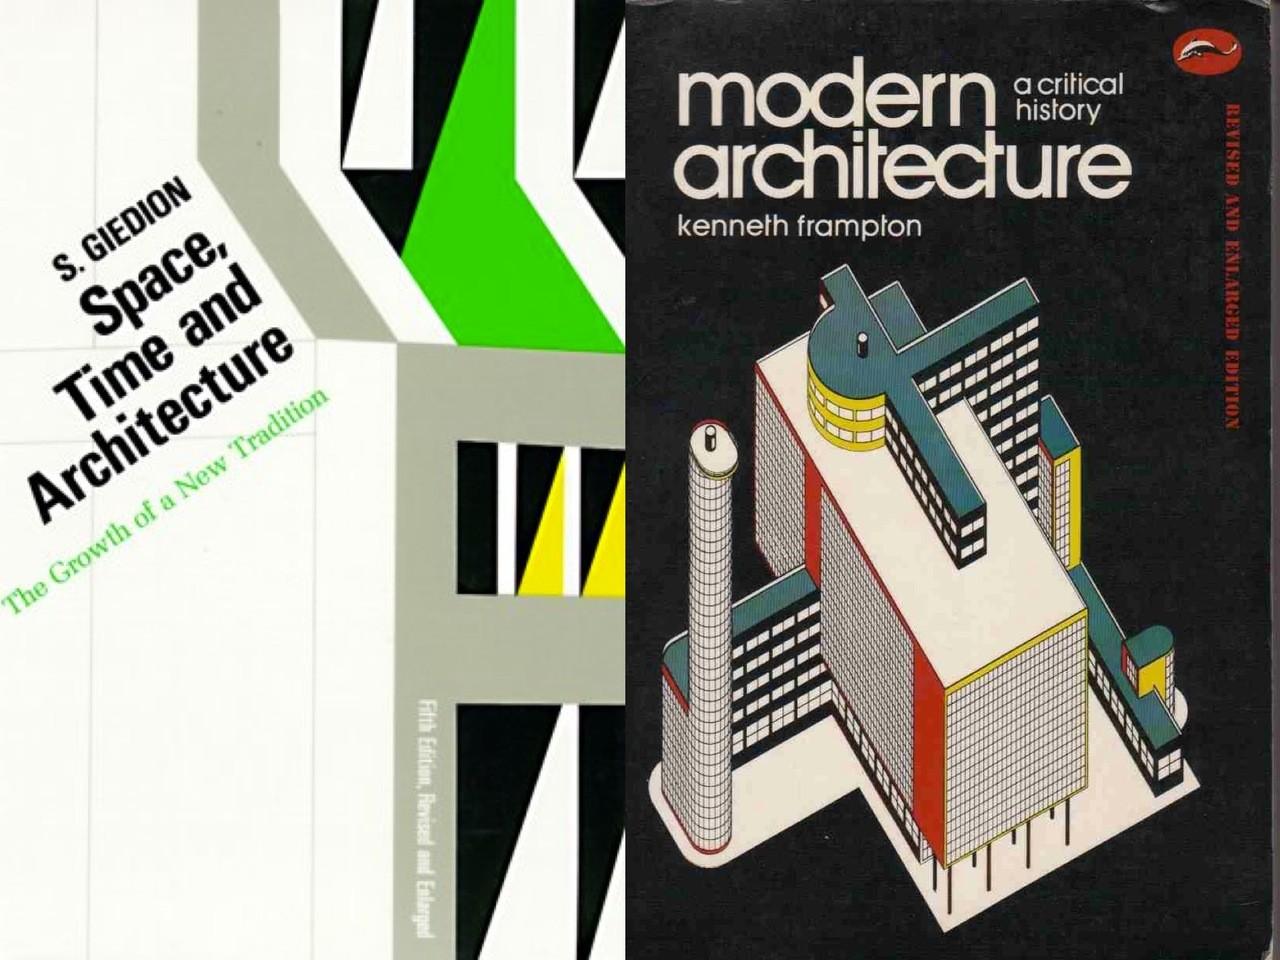 1986到馬祖當兵帶的兩本書《空間。時間與建築》與《現代建築史》。圖/龔書章提供